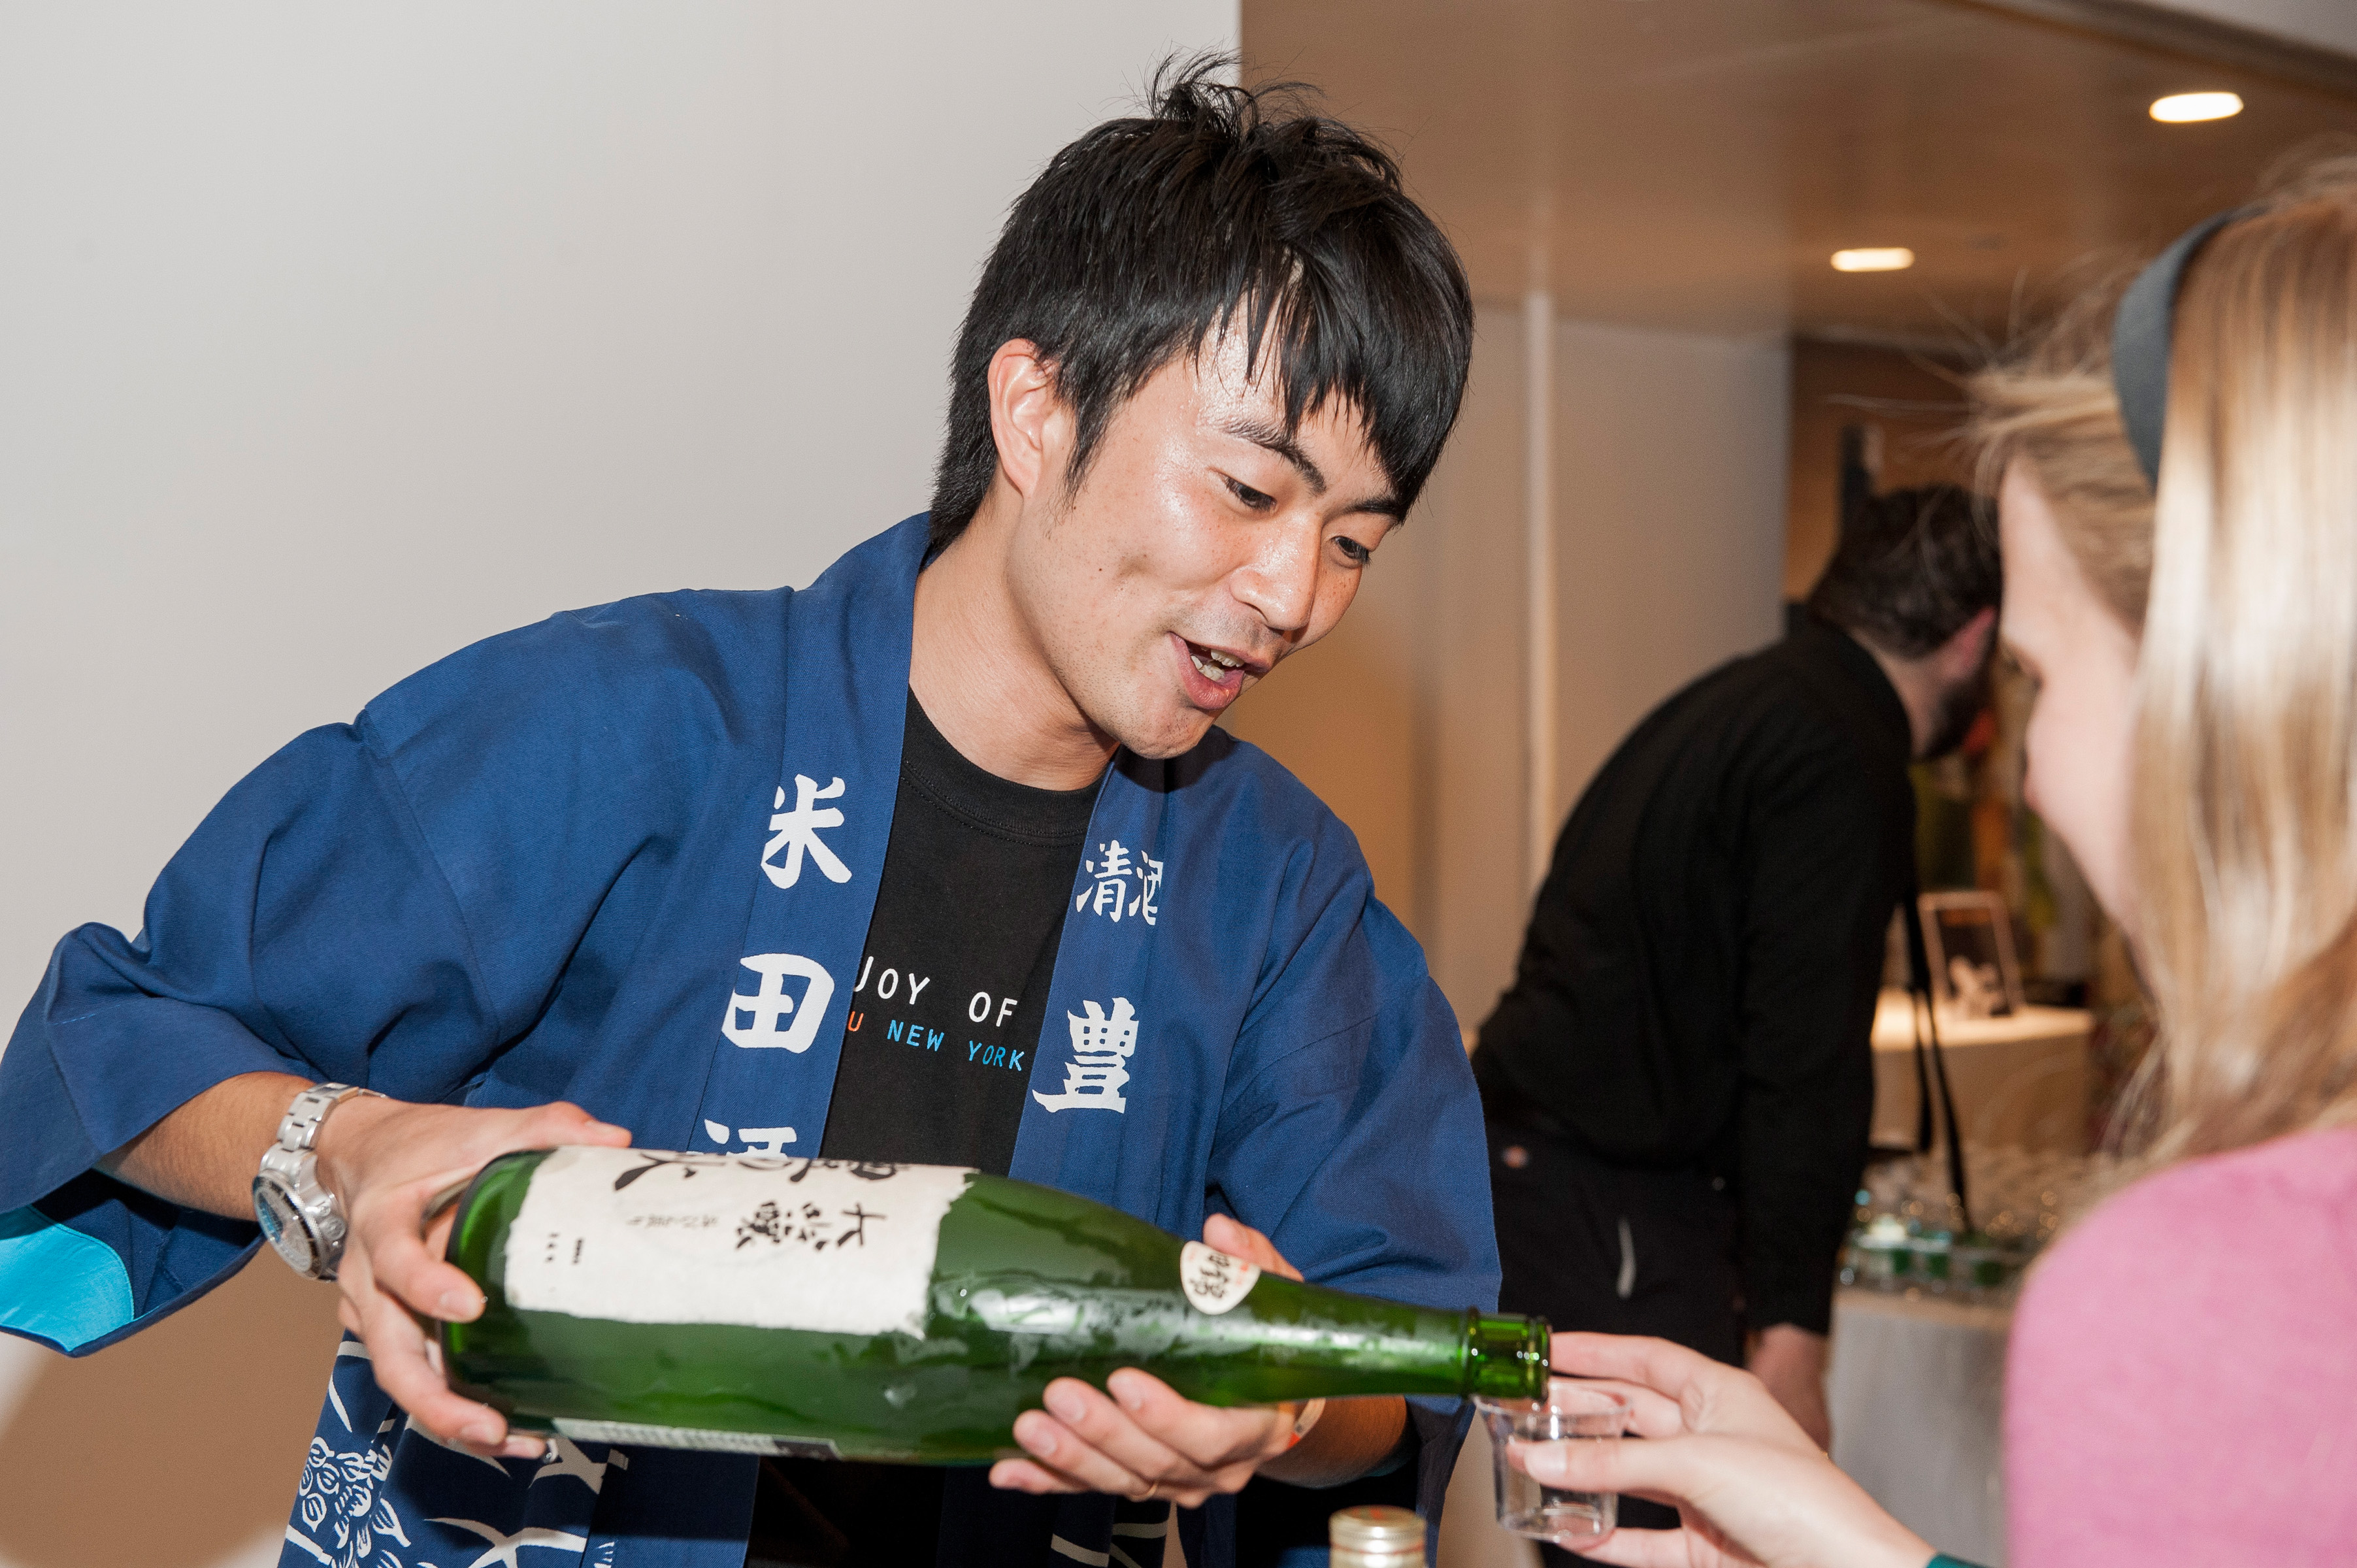 The Joy of Sake pouring